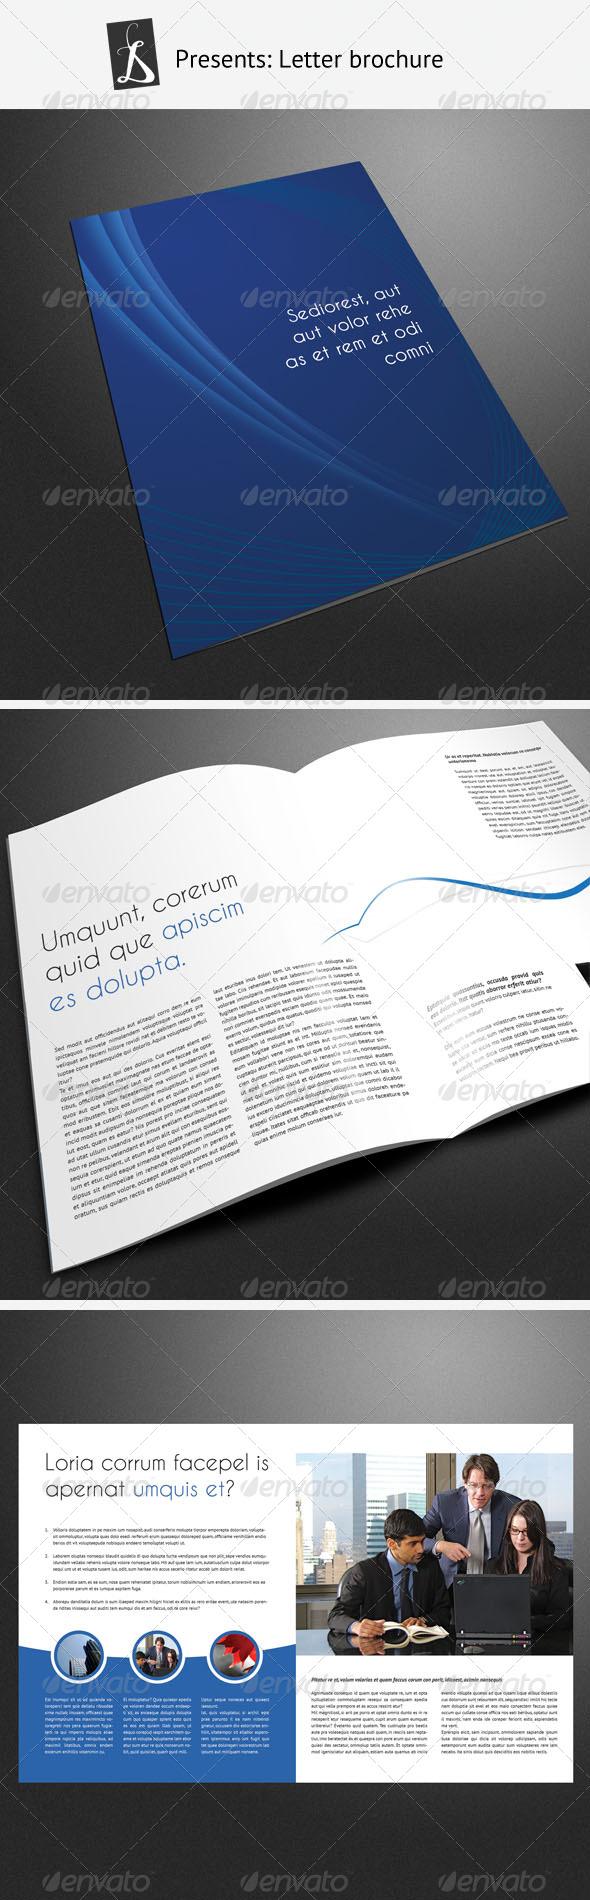 Corporate Brochure 6 - Corporate Brochures